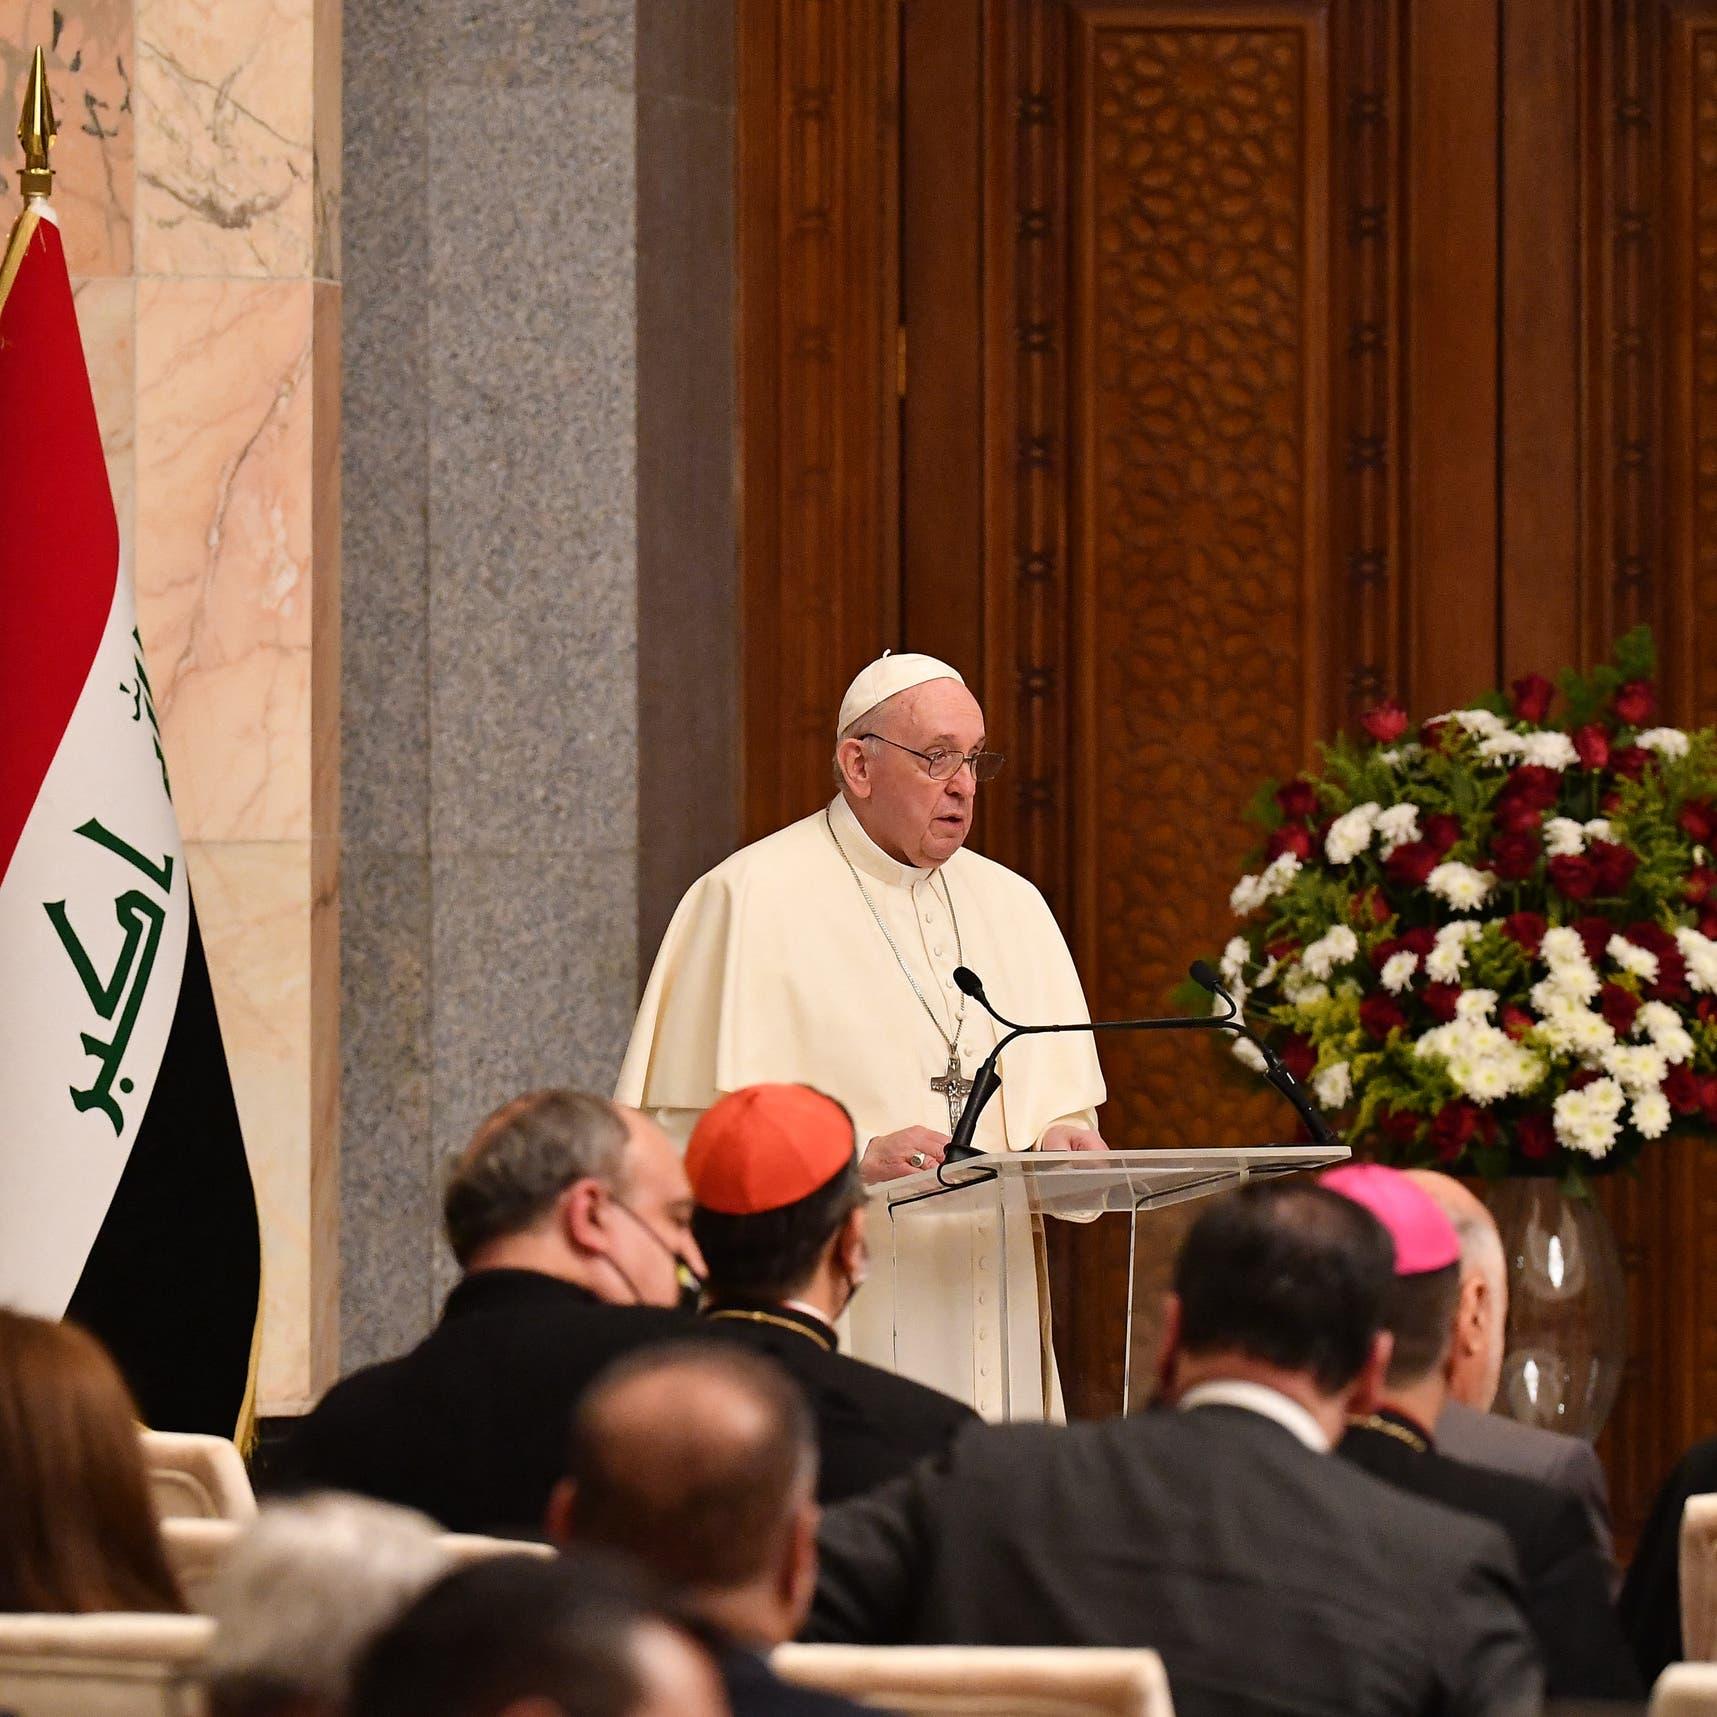 البابا من قلب بغداد: كفى عنفاً وفساداً ولتصمت الأسلحة